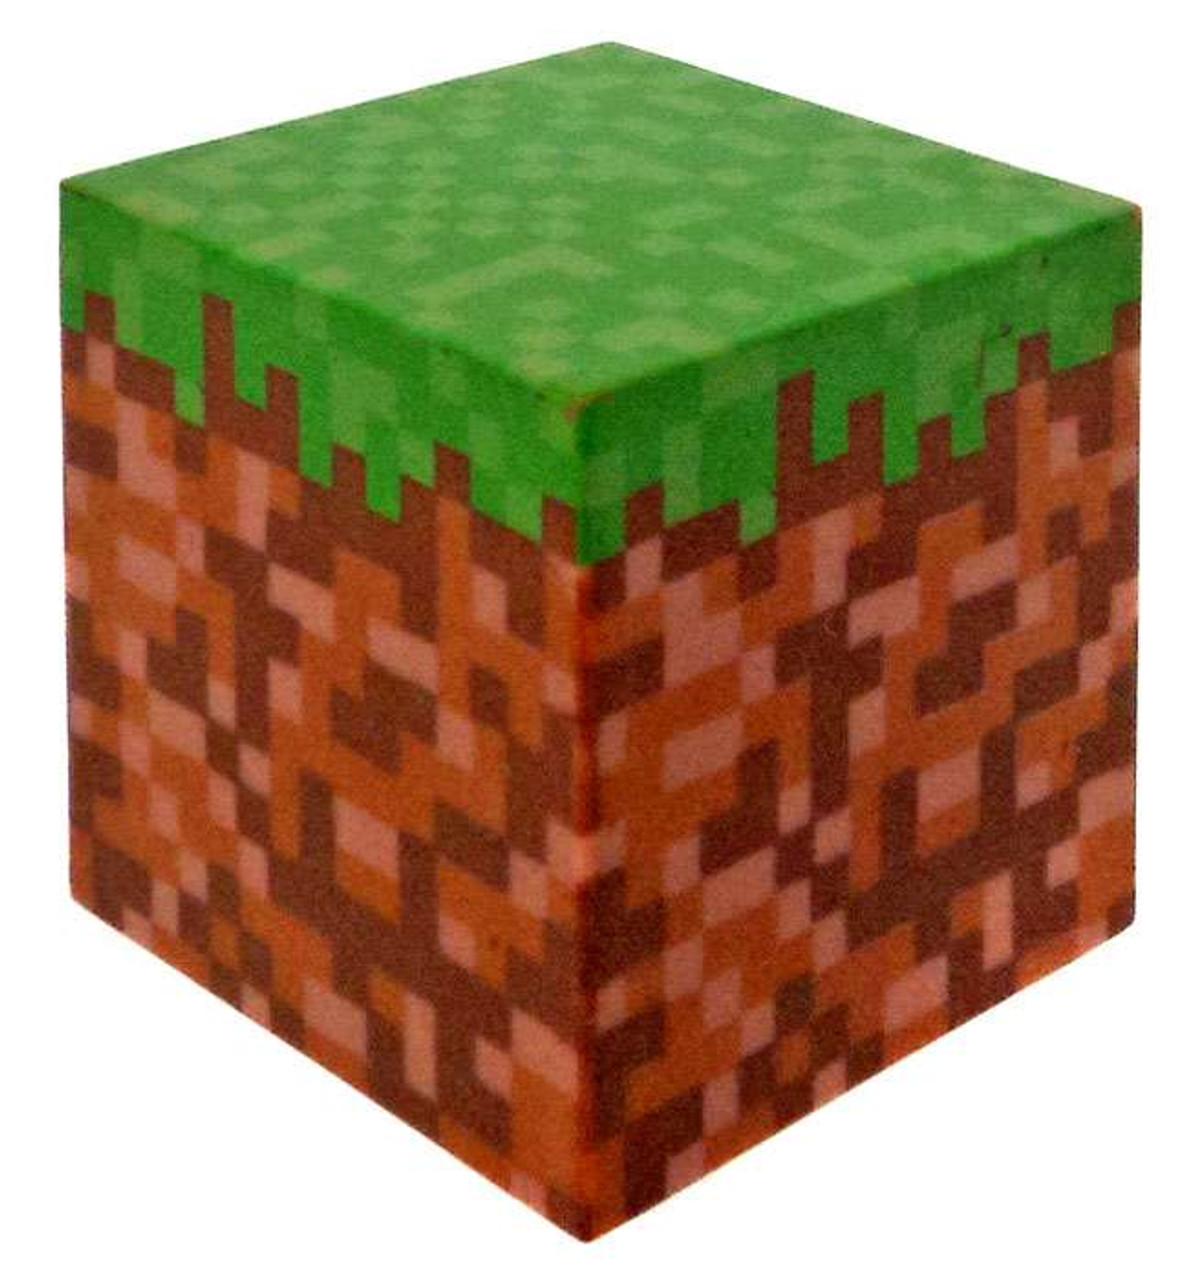 Minecraft Grass Block Figure Loose Jazwares - ToyWiz